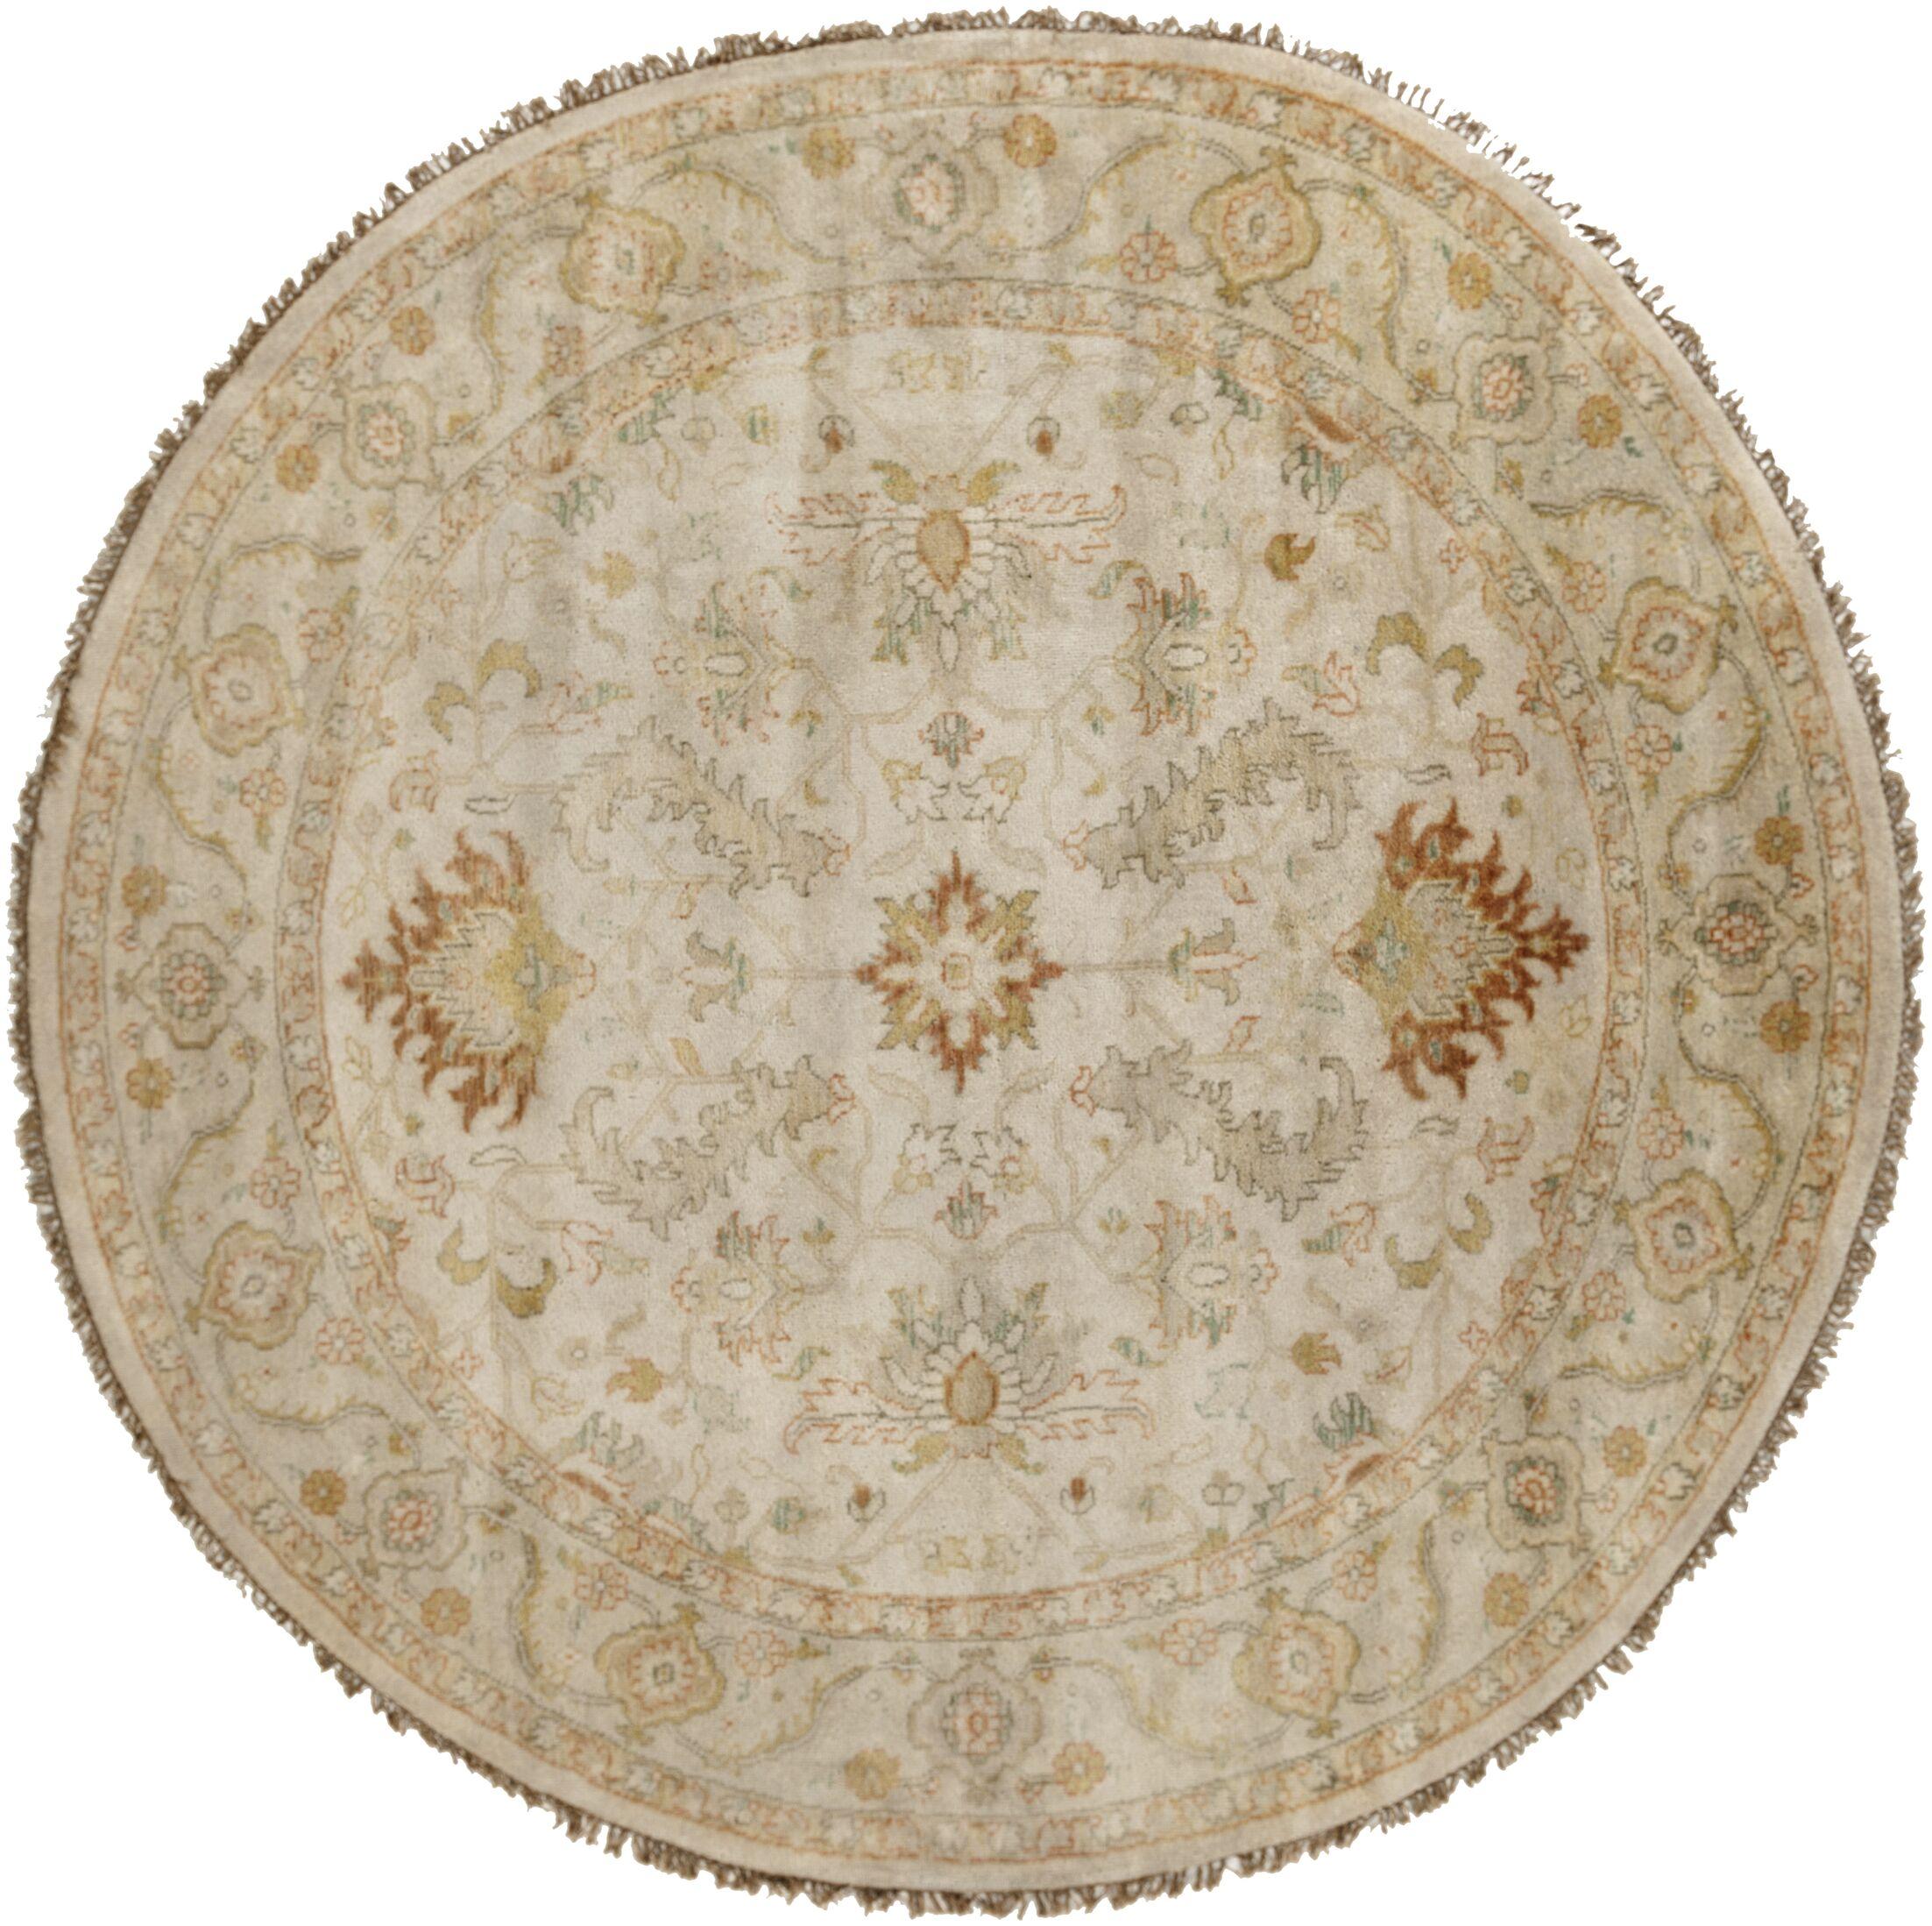 Bargamin Oriental Beige Area Rug Rug Size: Round 8'